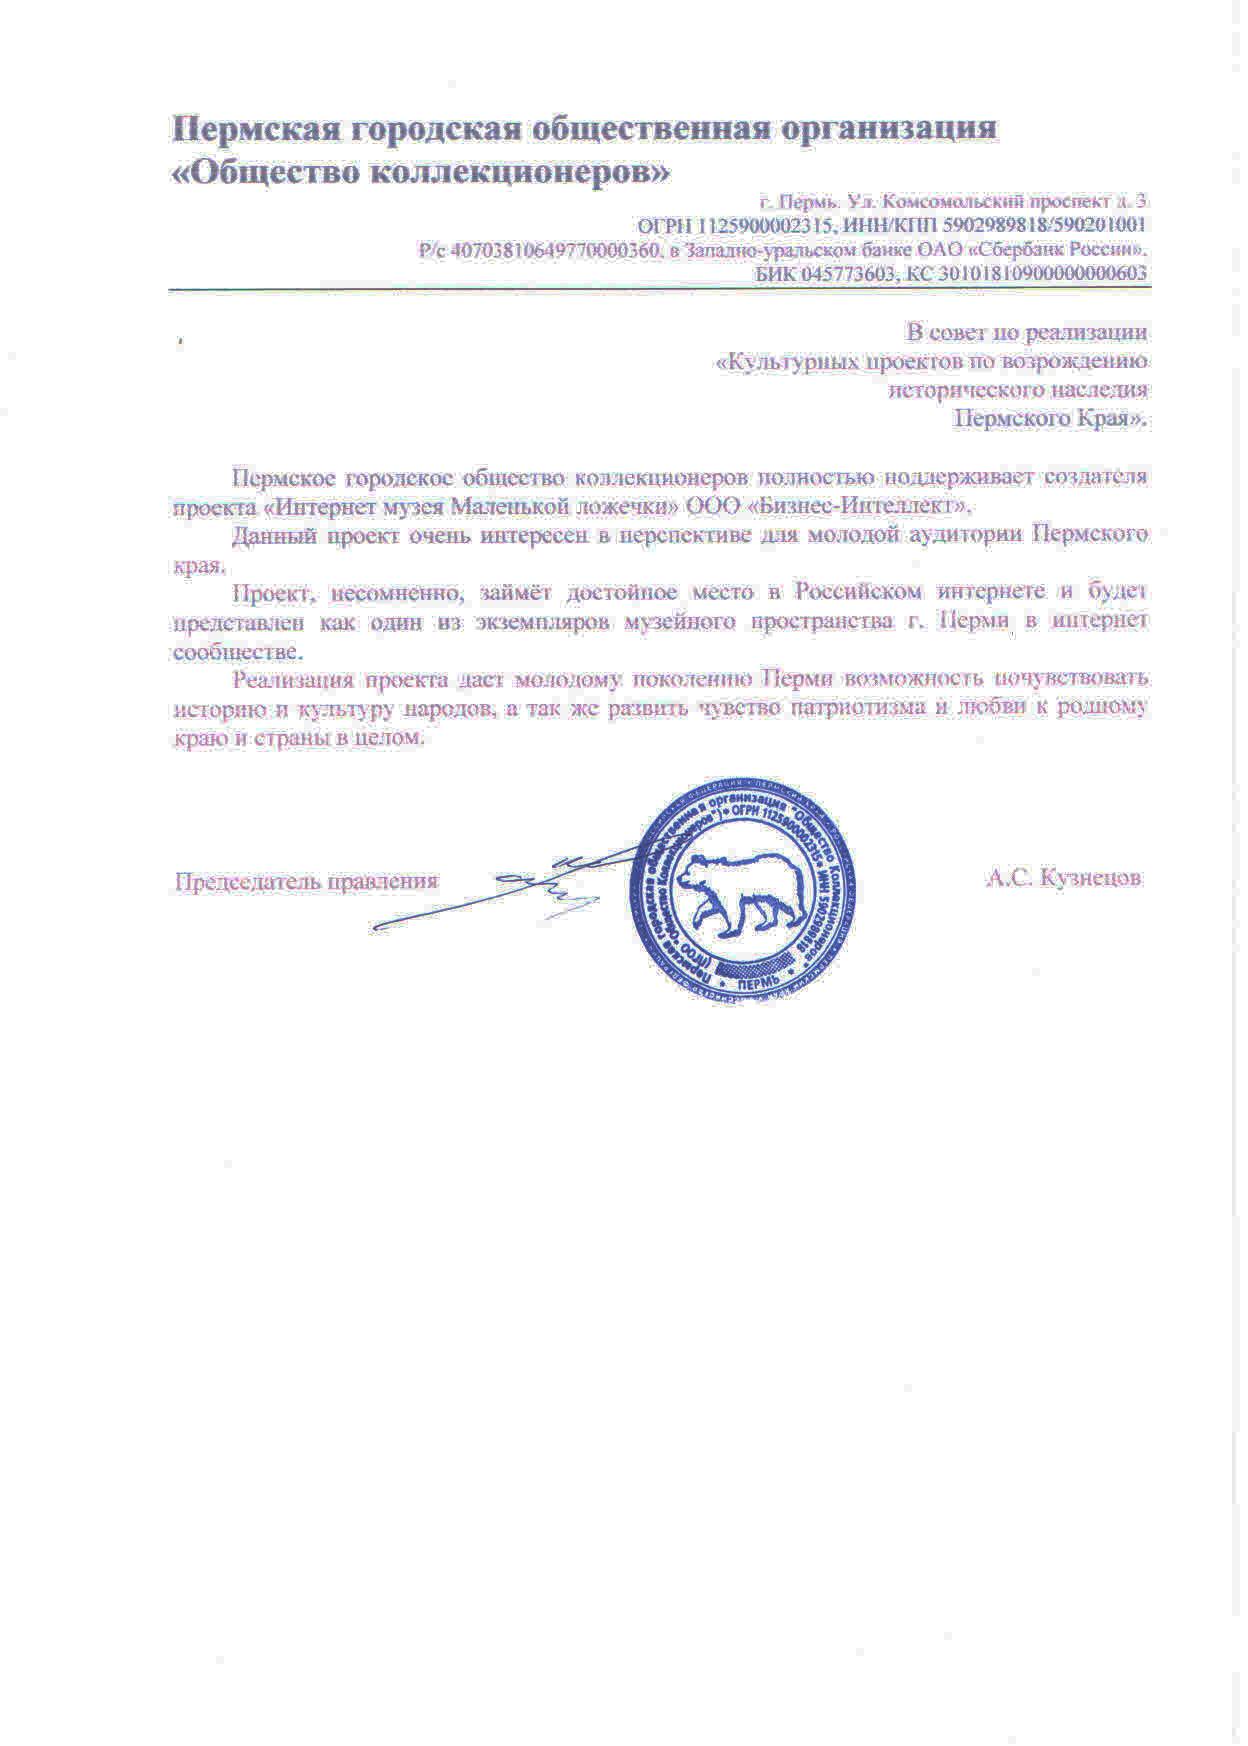 Пермское городское общество коллекционеров